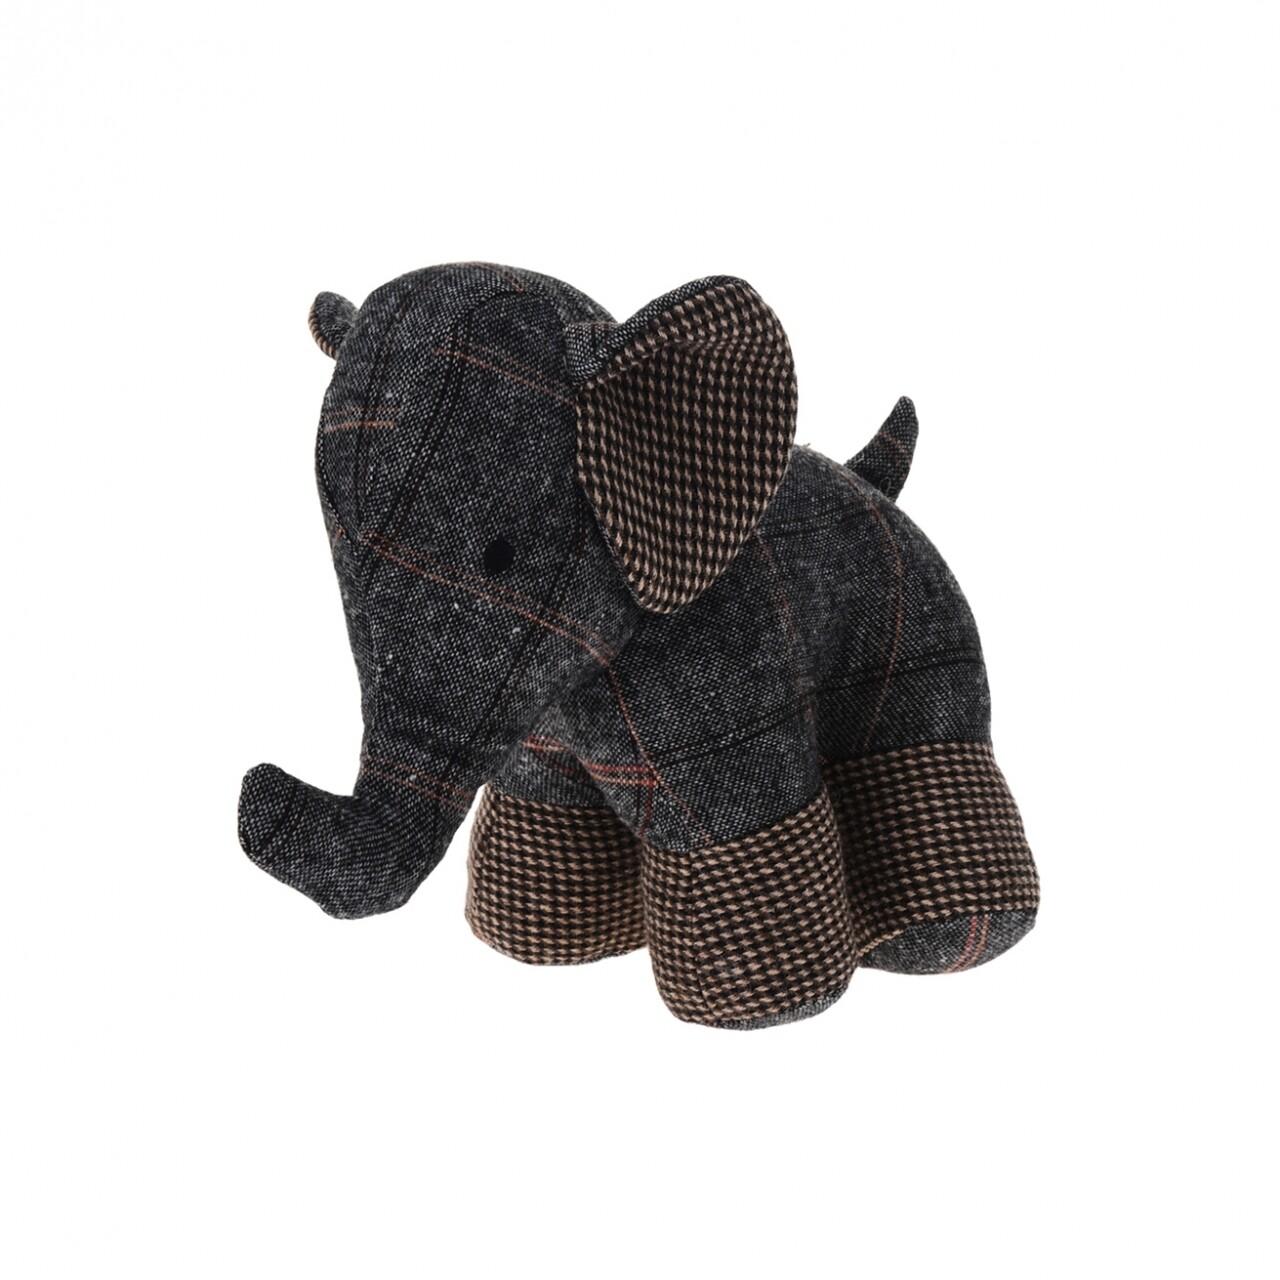 Opritor pentru ușă Elephant Black 28x17x23 cm